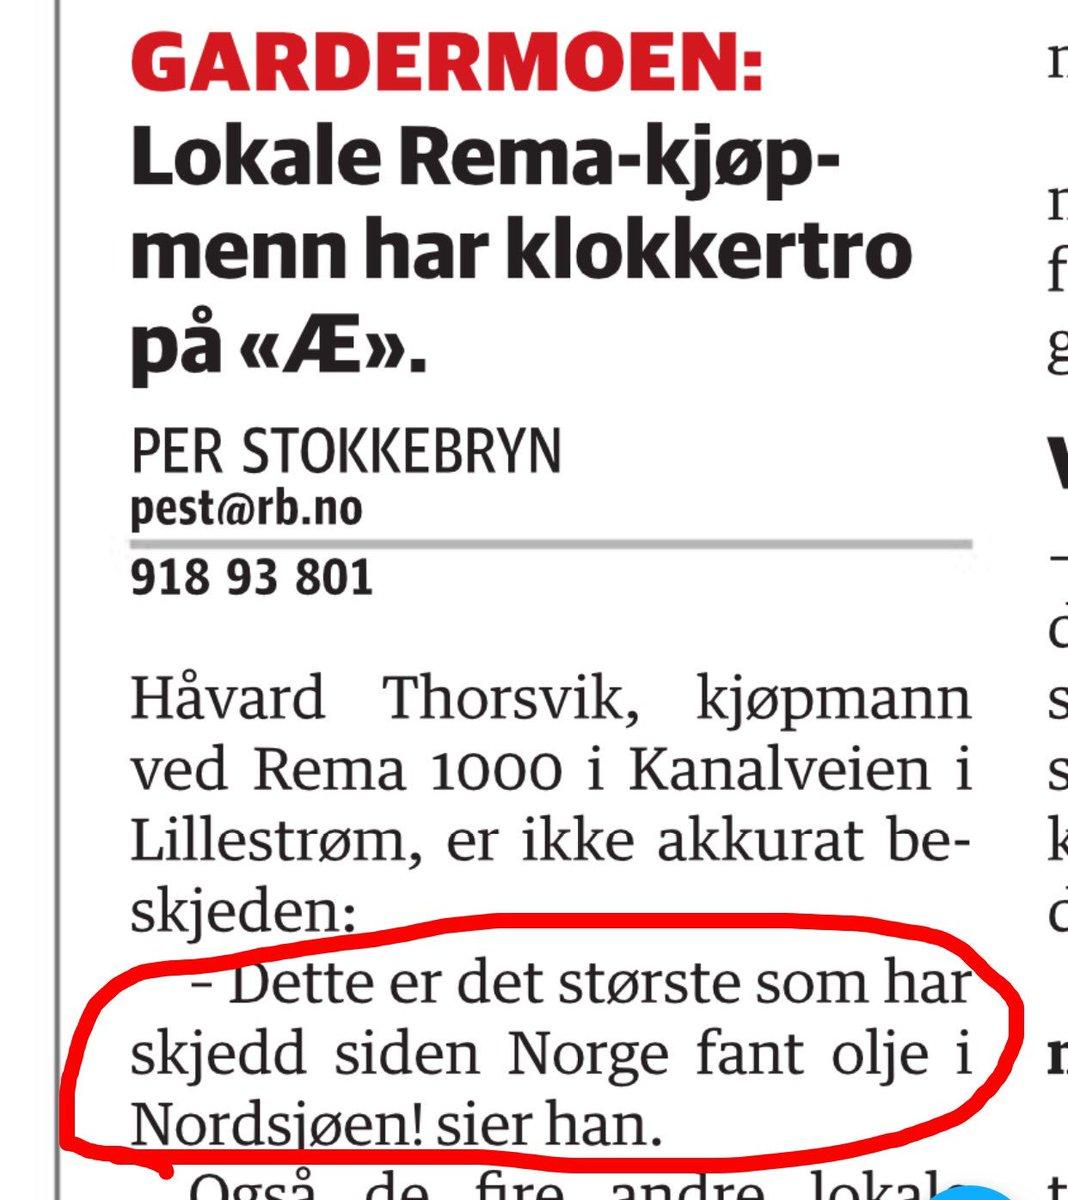 En lokal Rema-kjøpmann drar på om Æ.. https://t.co/a9ekcYXa8G